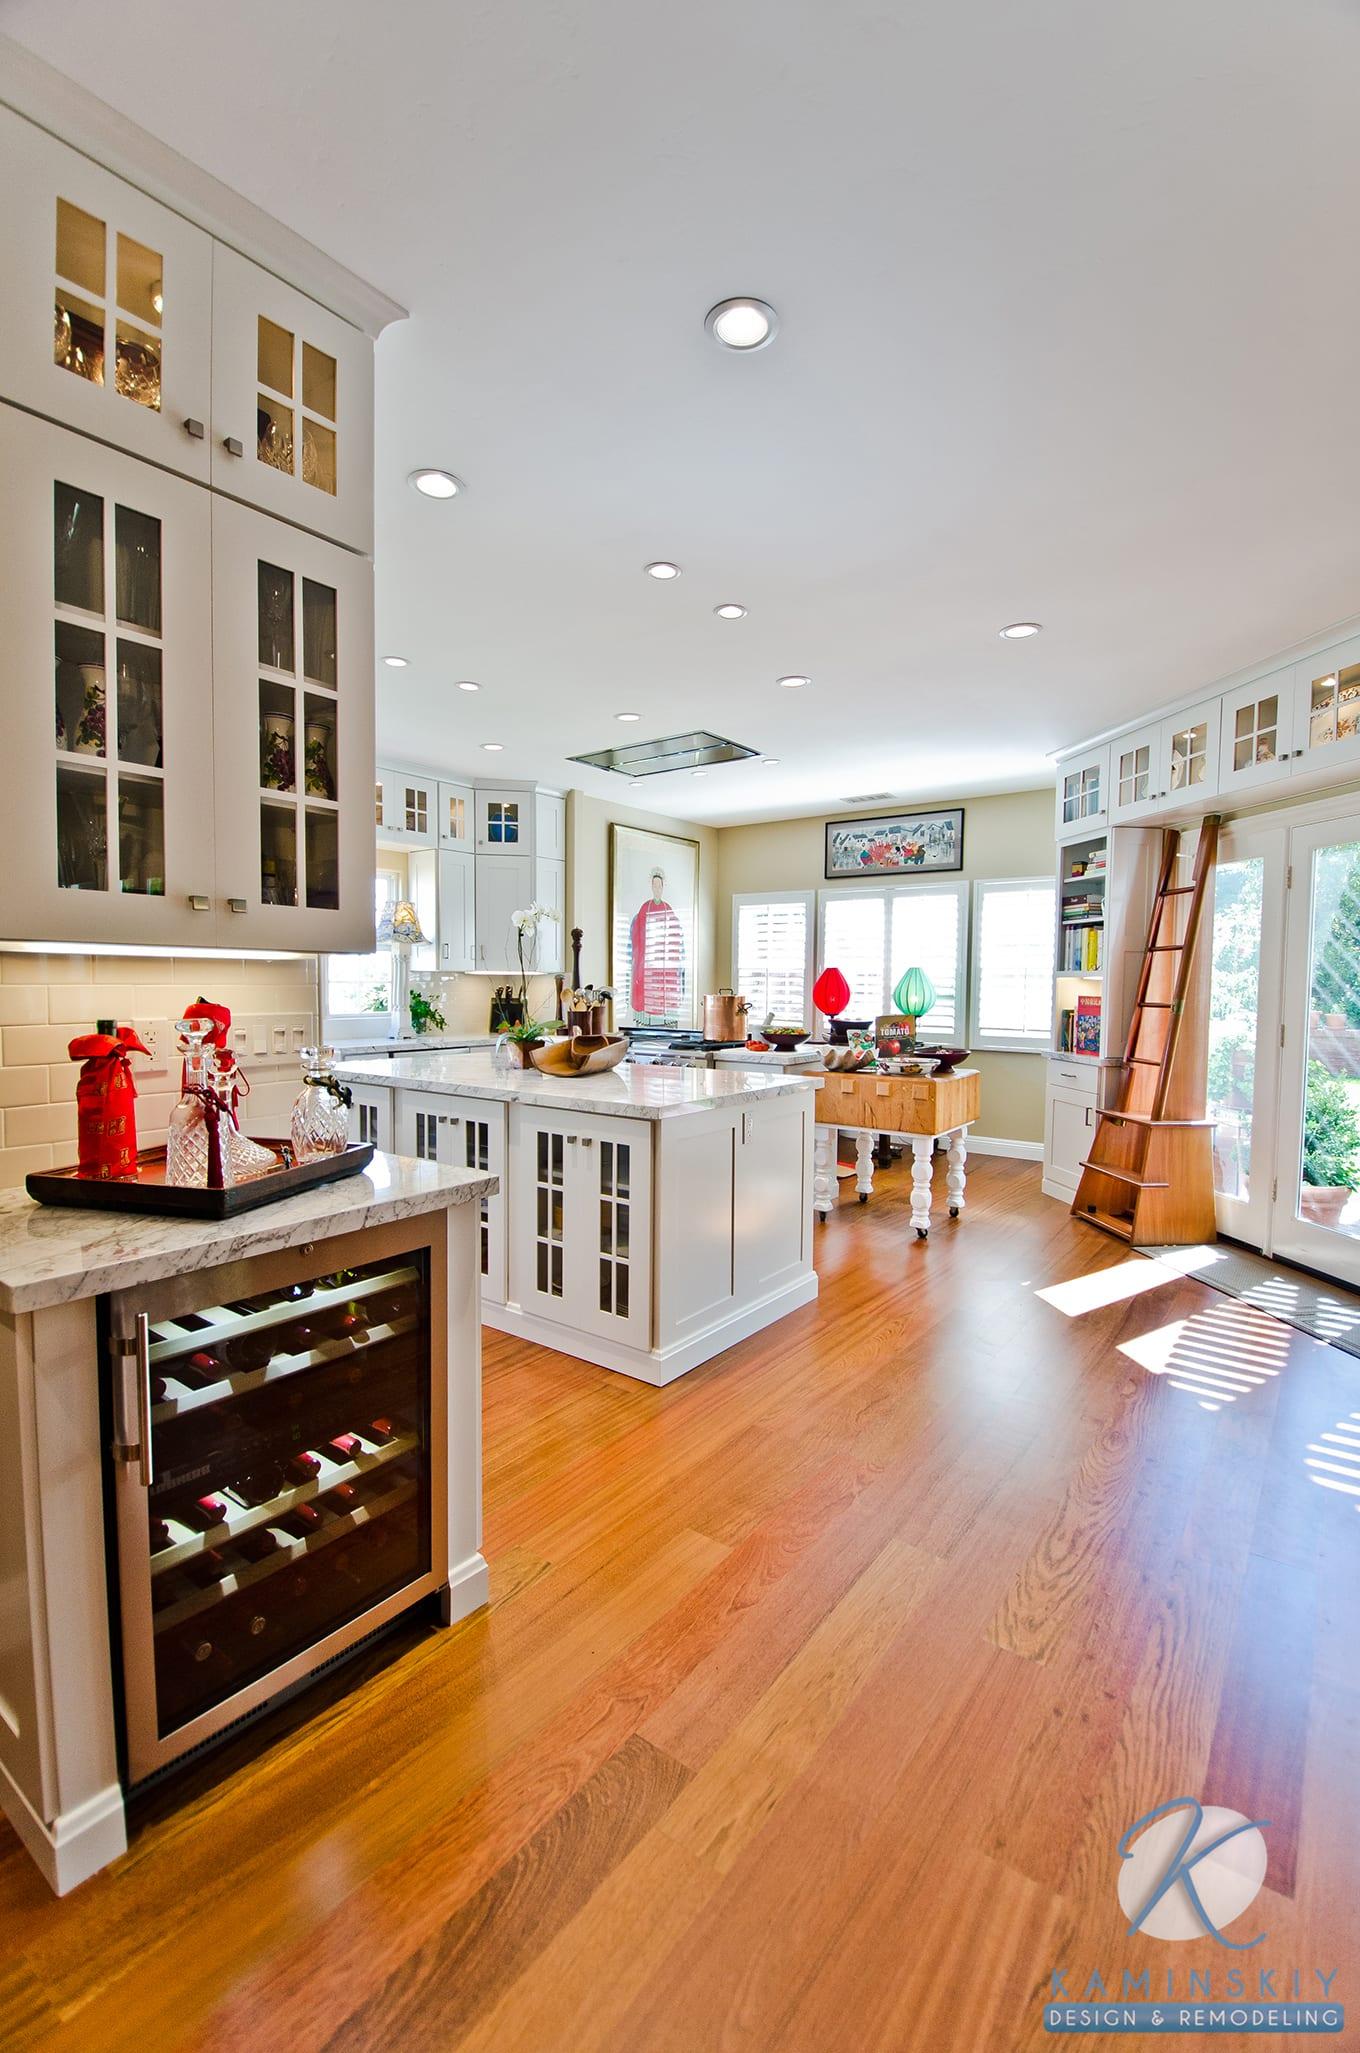 Carlsbad Kitchen Remodel   Kaminskiy Design & Home Remodeling